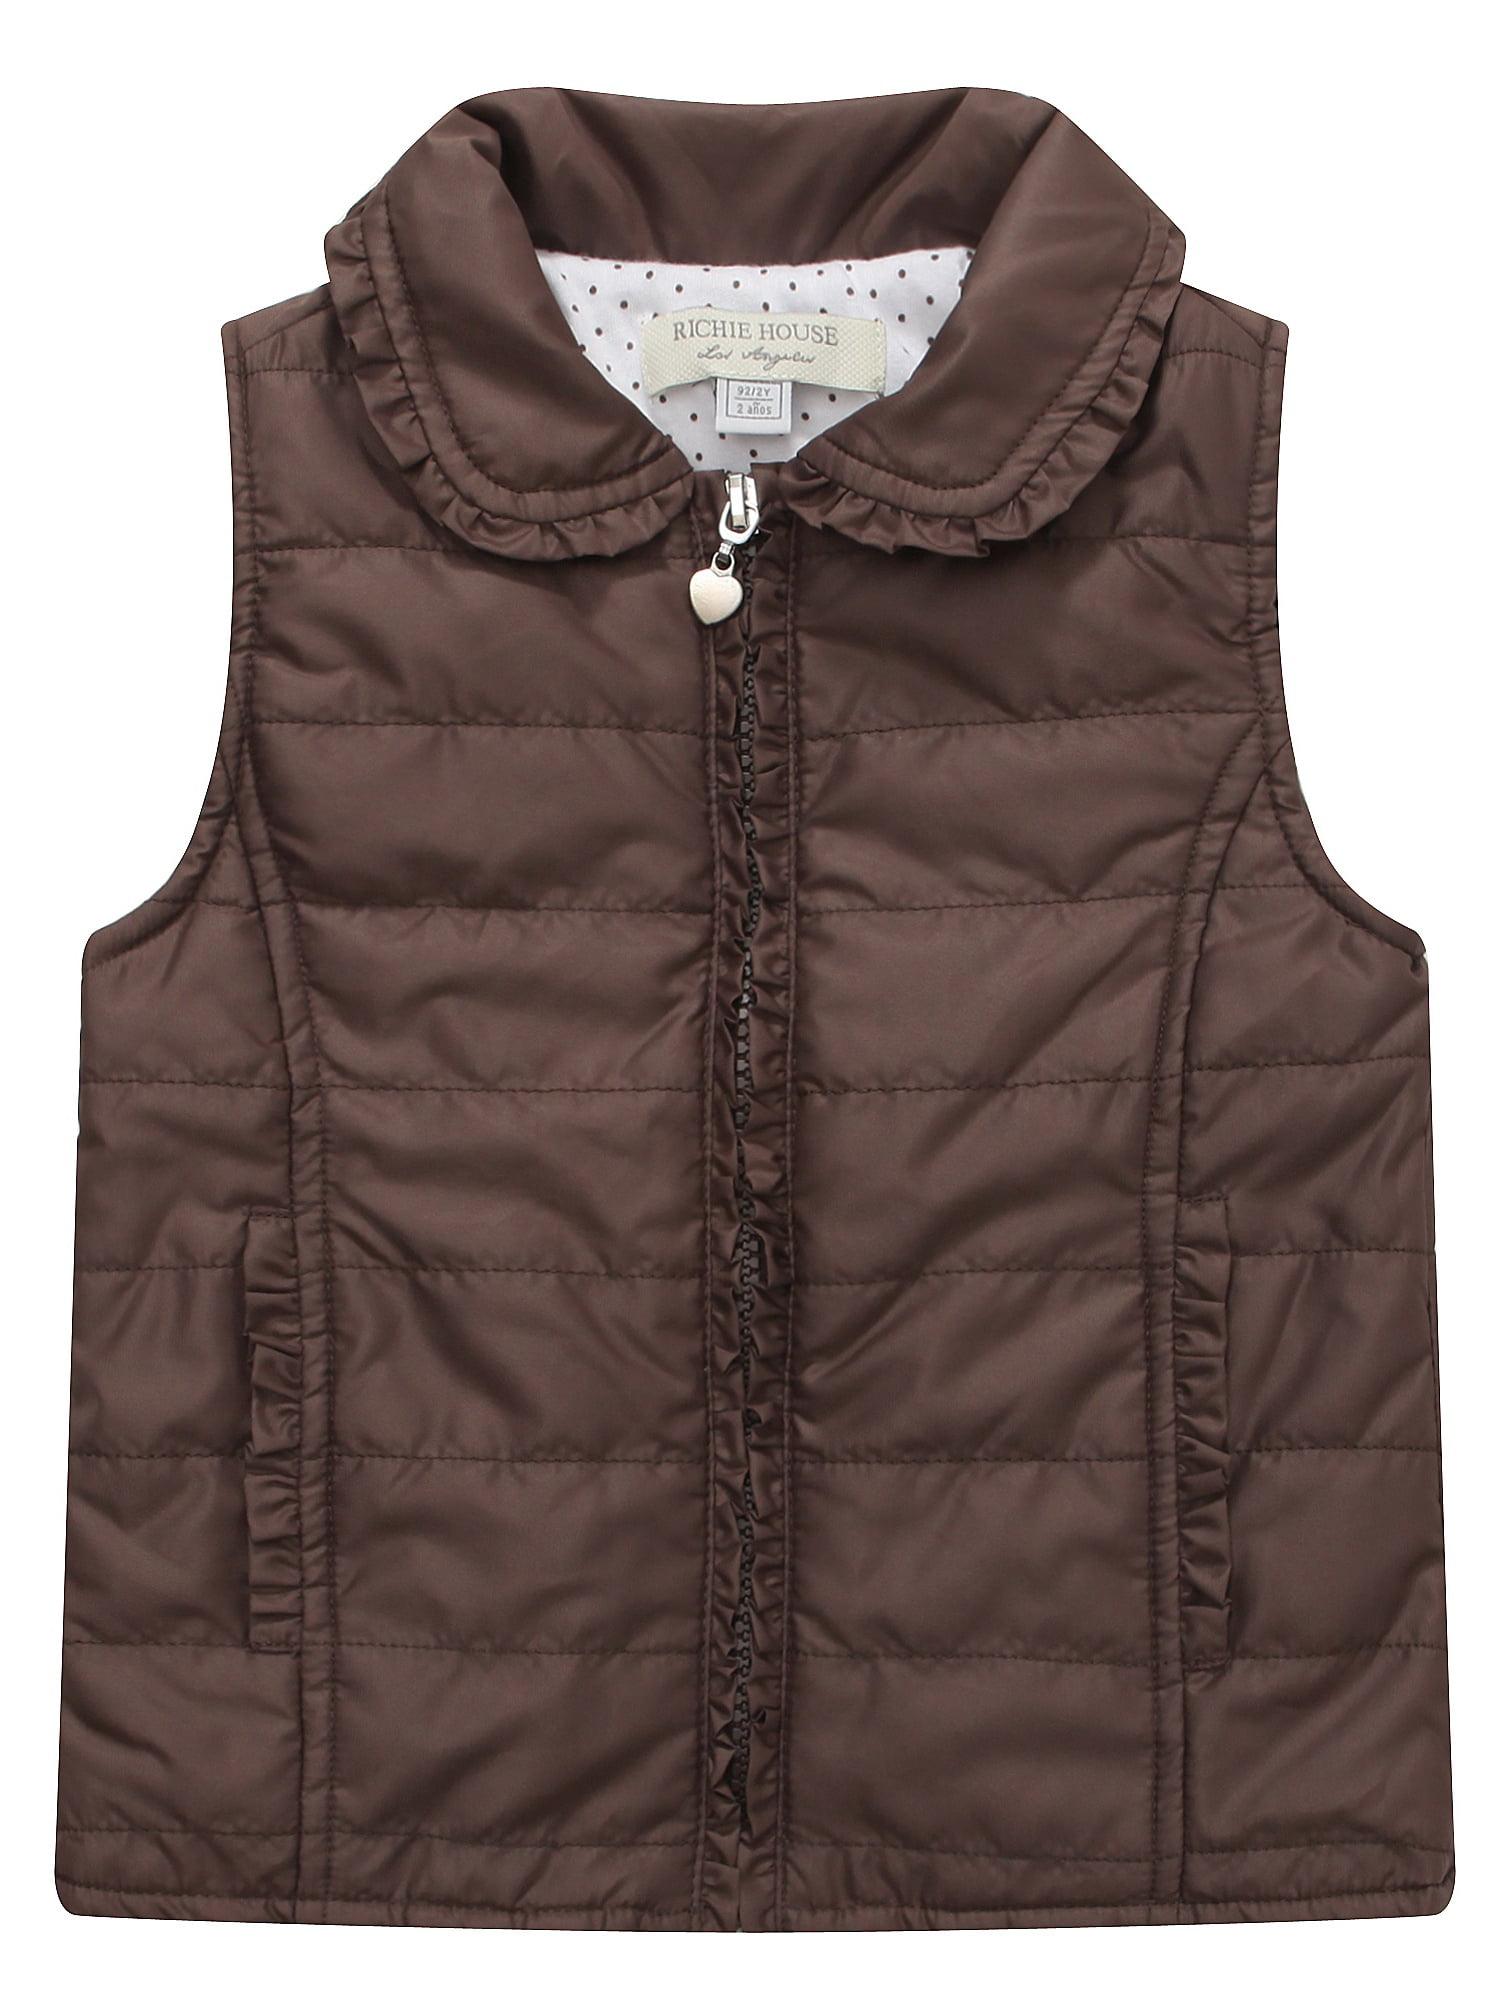 Richie House Girls' Padding Vest RH1348